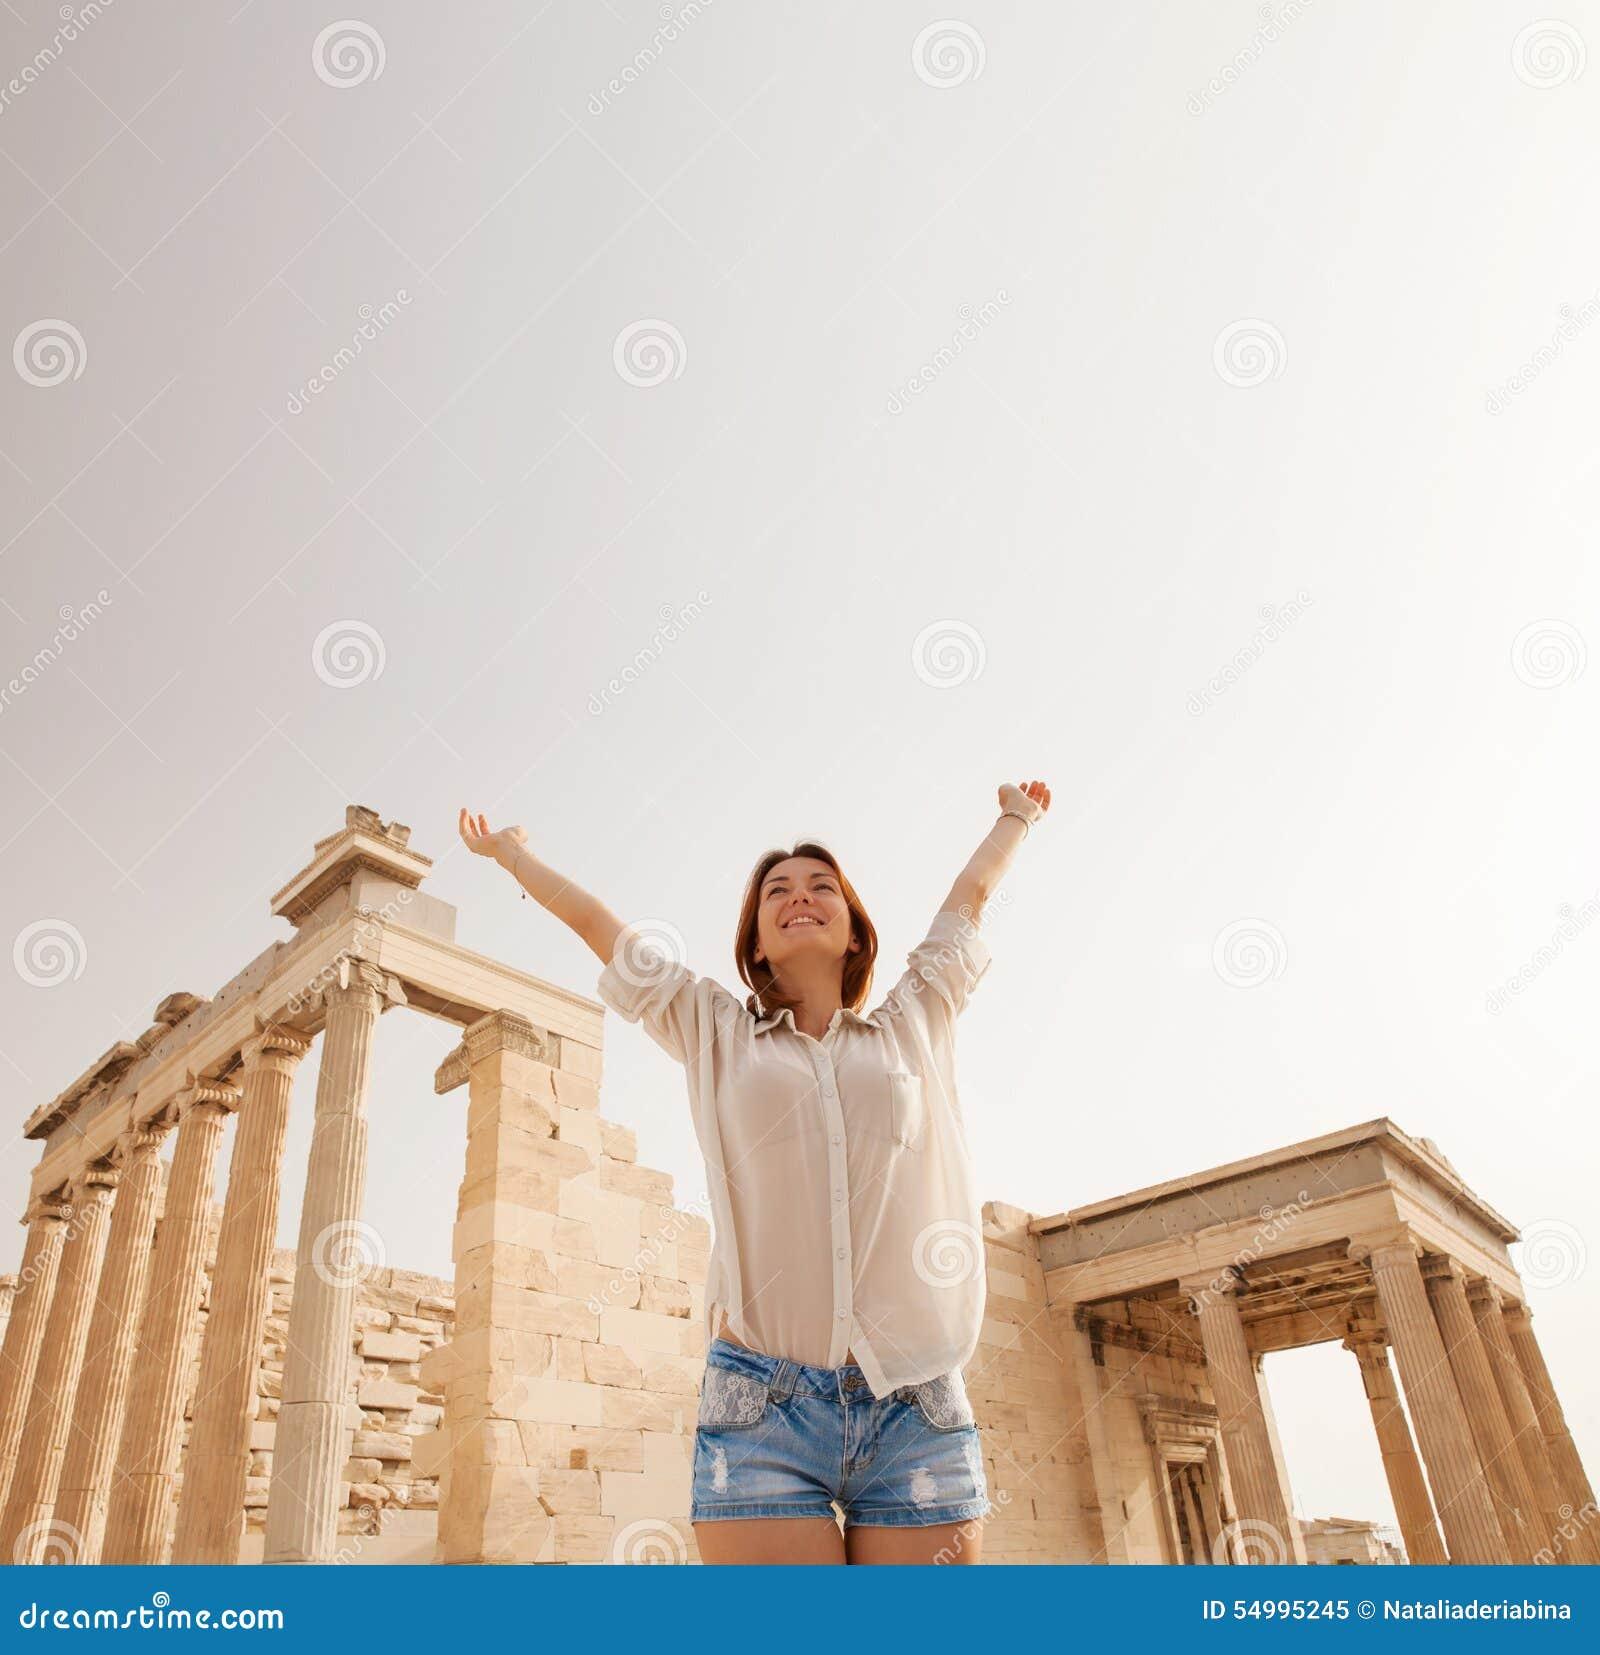 El turista cerca de la acrópolis de Atenas, Grecia